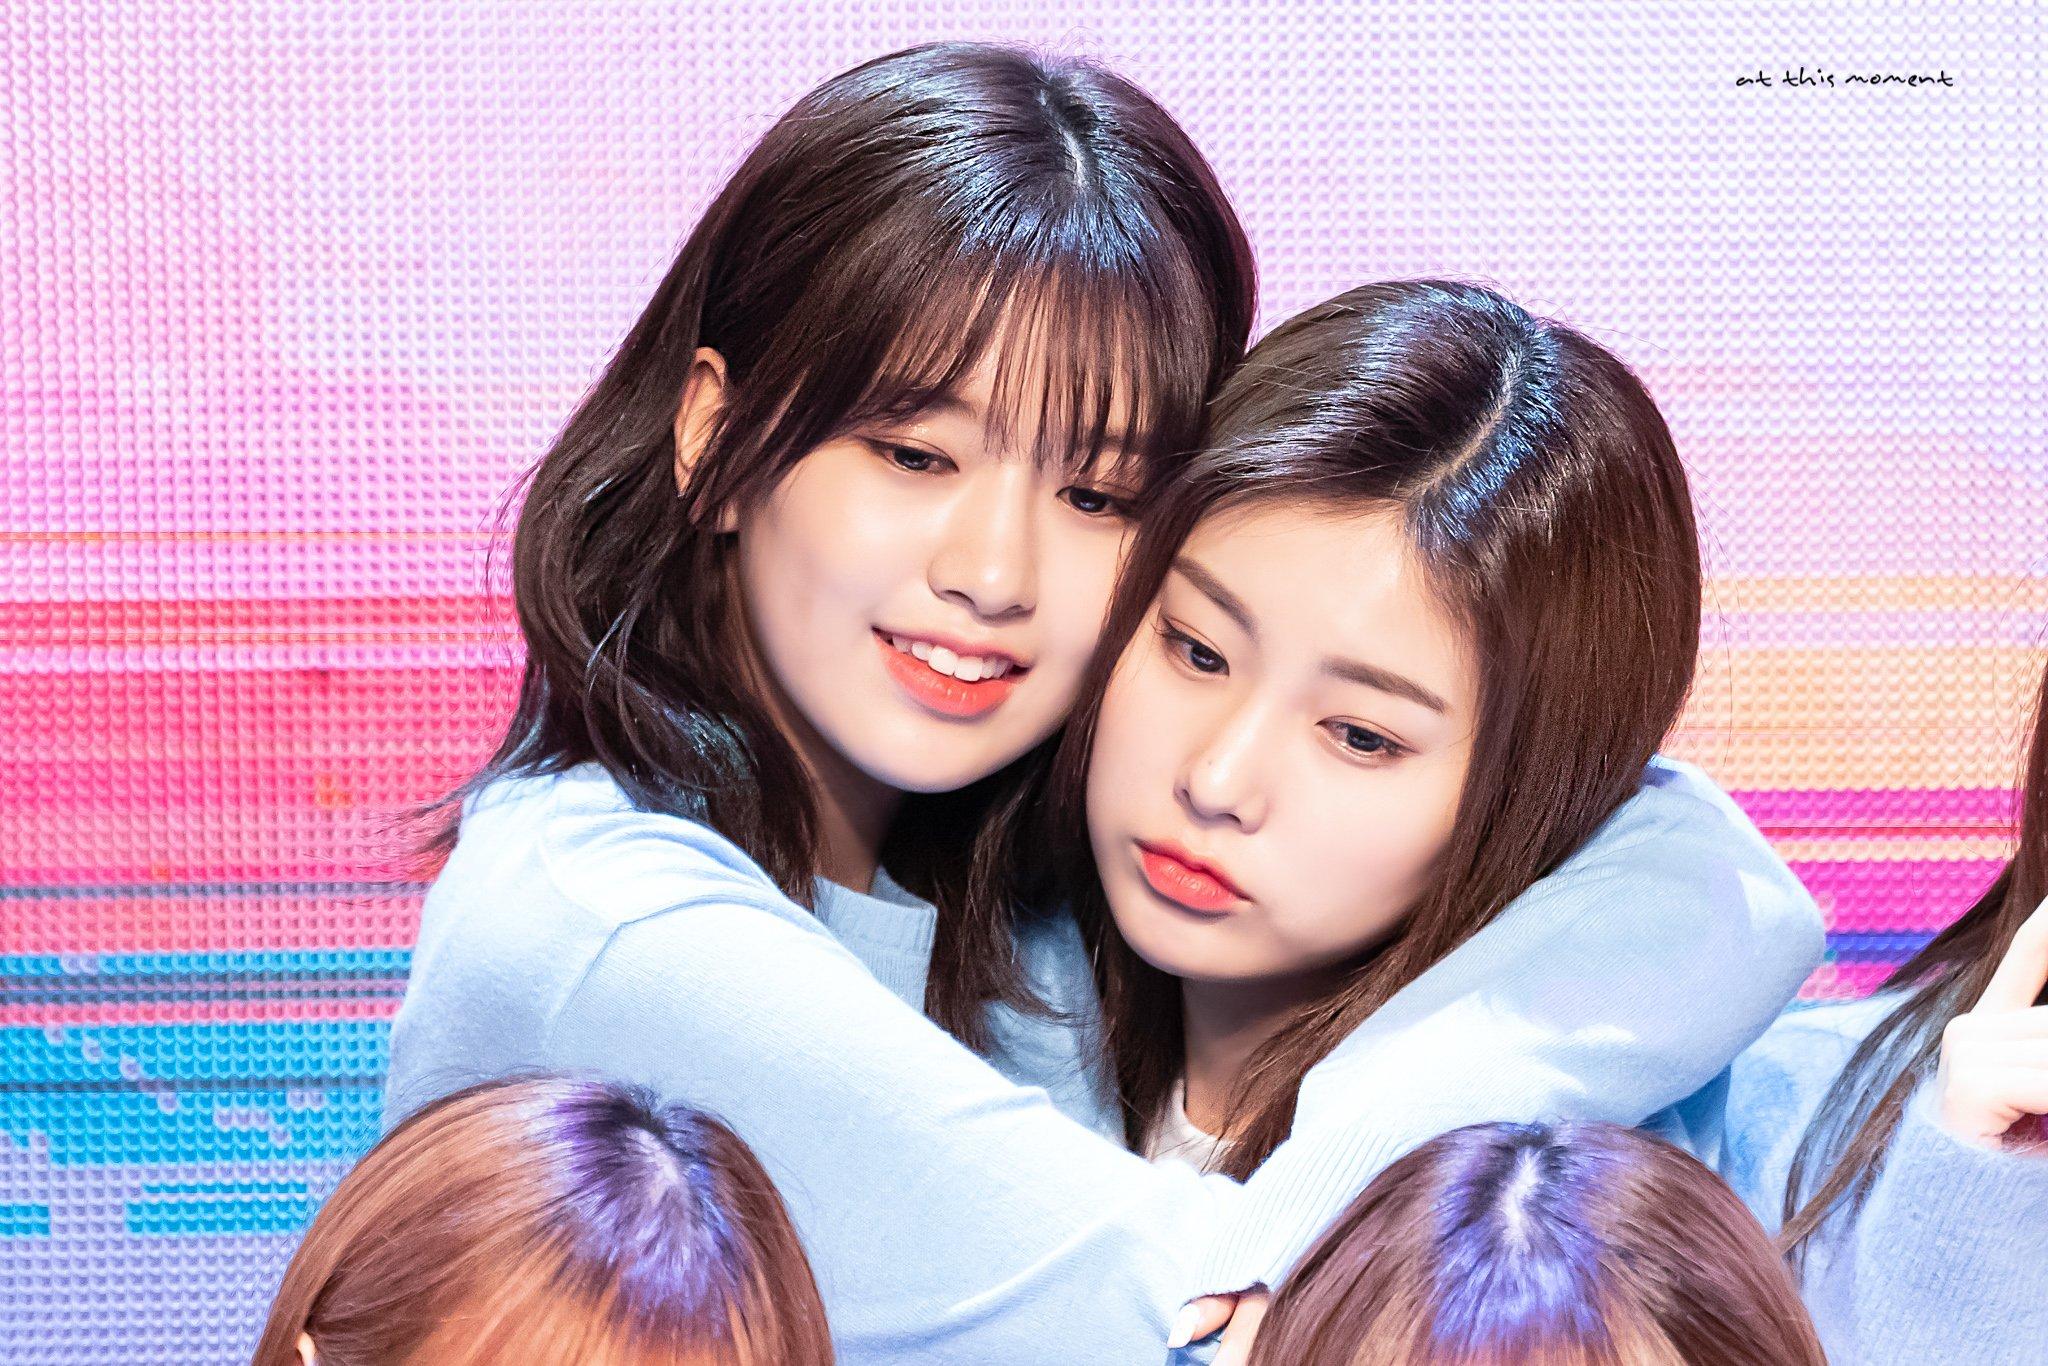 YujinHyewon